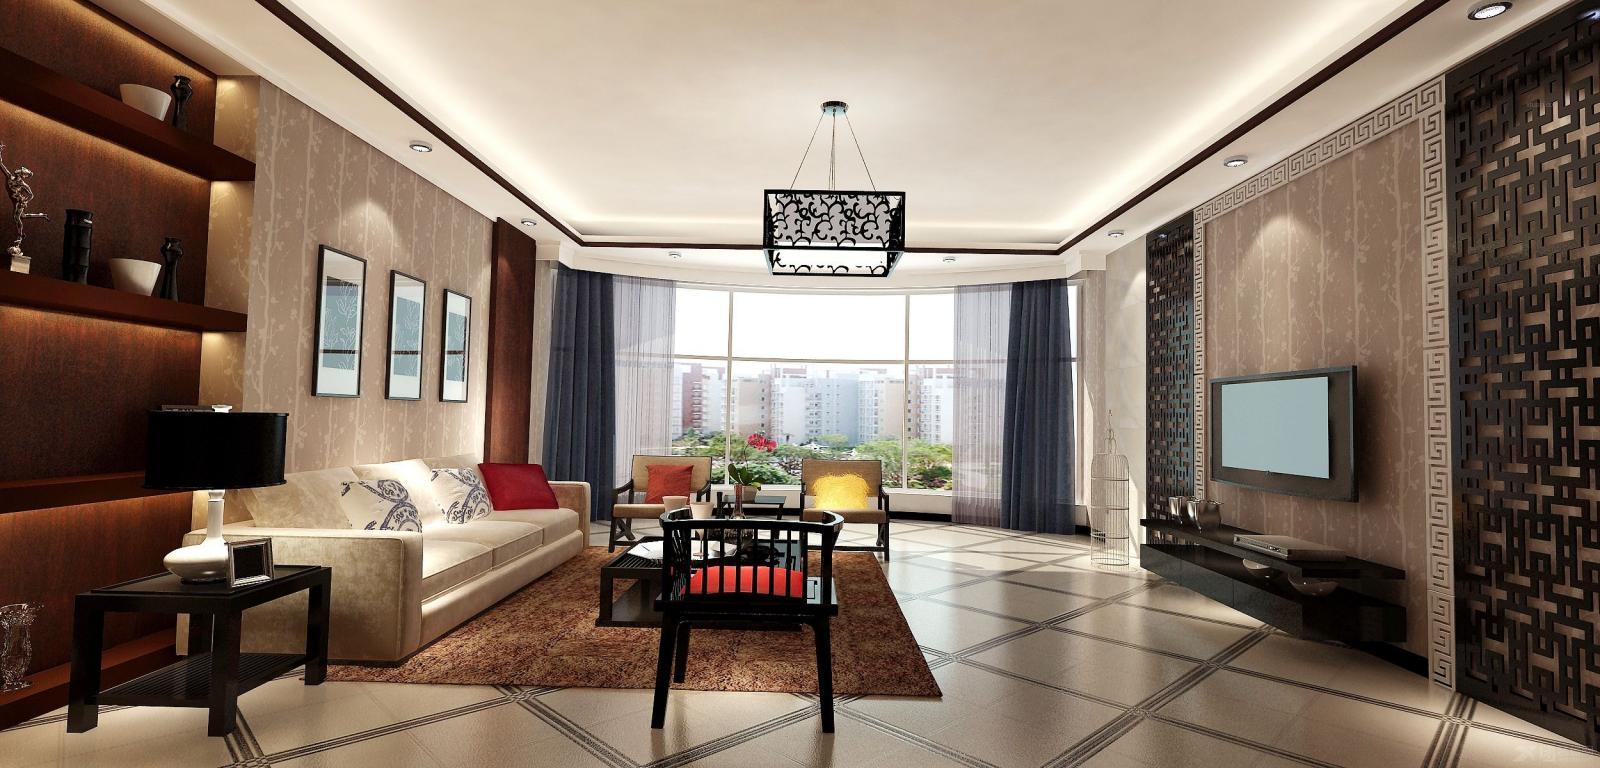 学装修 房屋装修 小户型装修 小户型装修效果图,小户型客厅设计案例